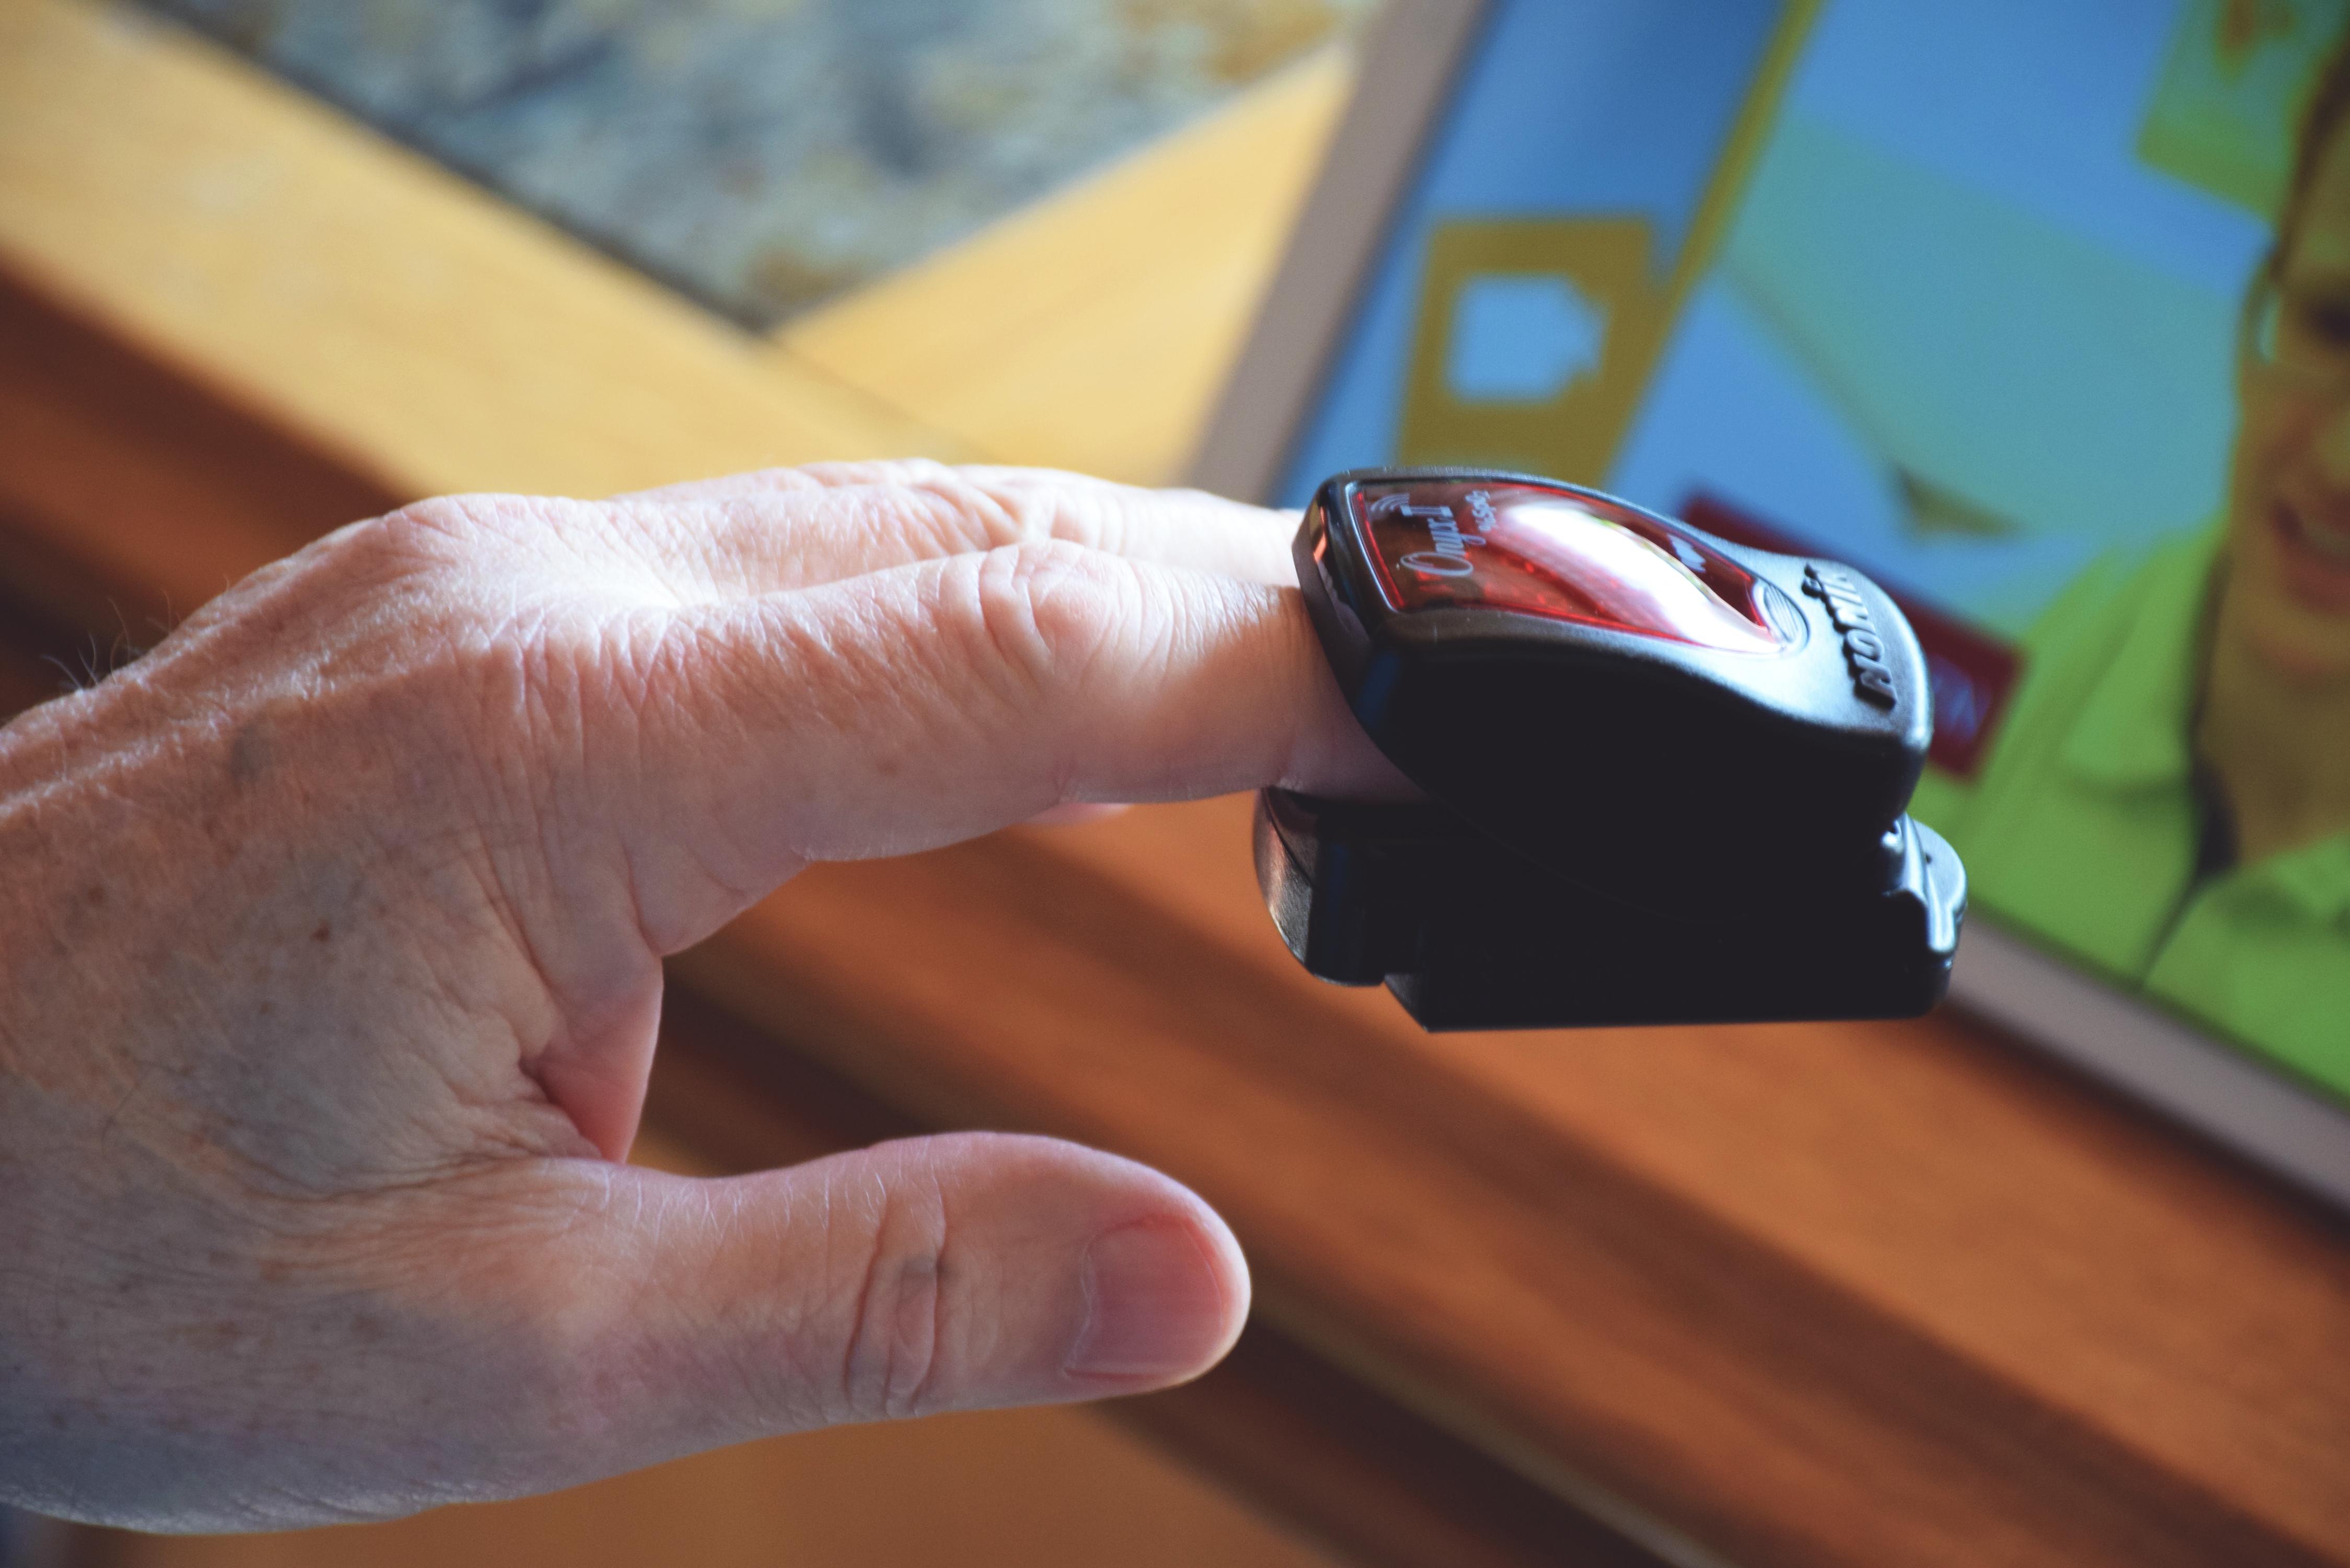 Ein medizinisches Messgerät ist auf einem Finger geklemmt